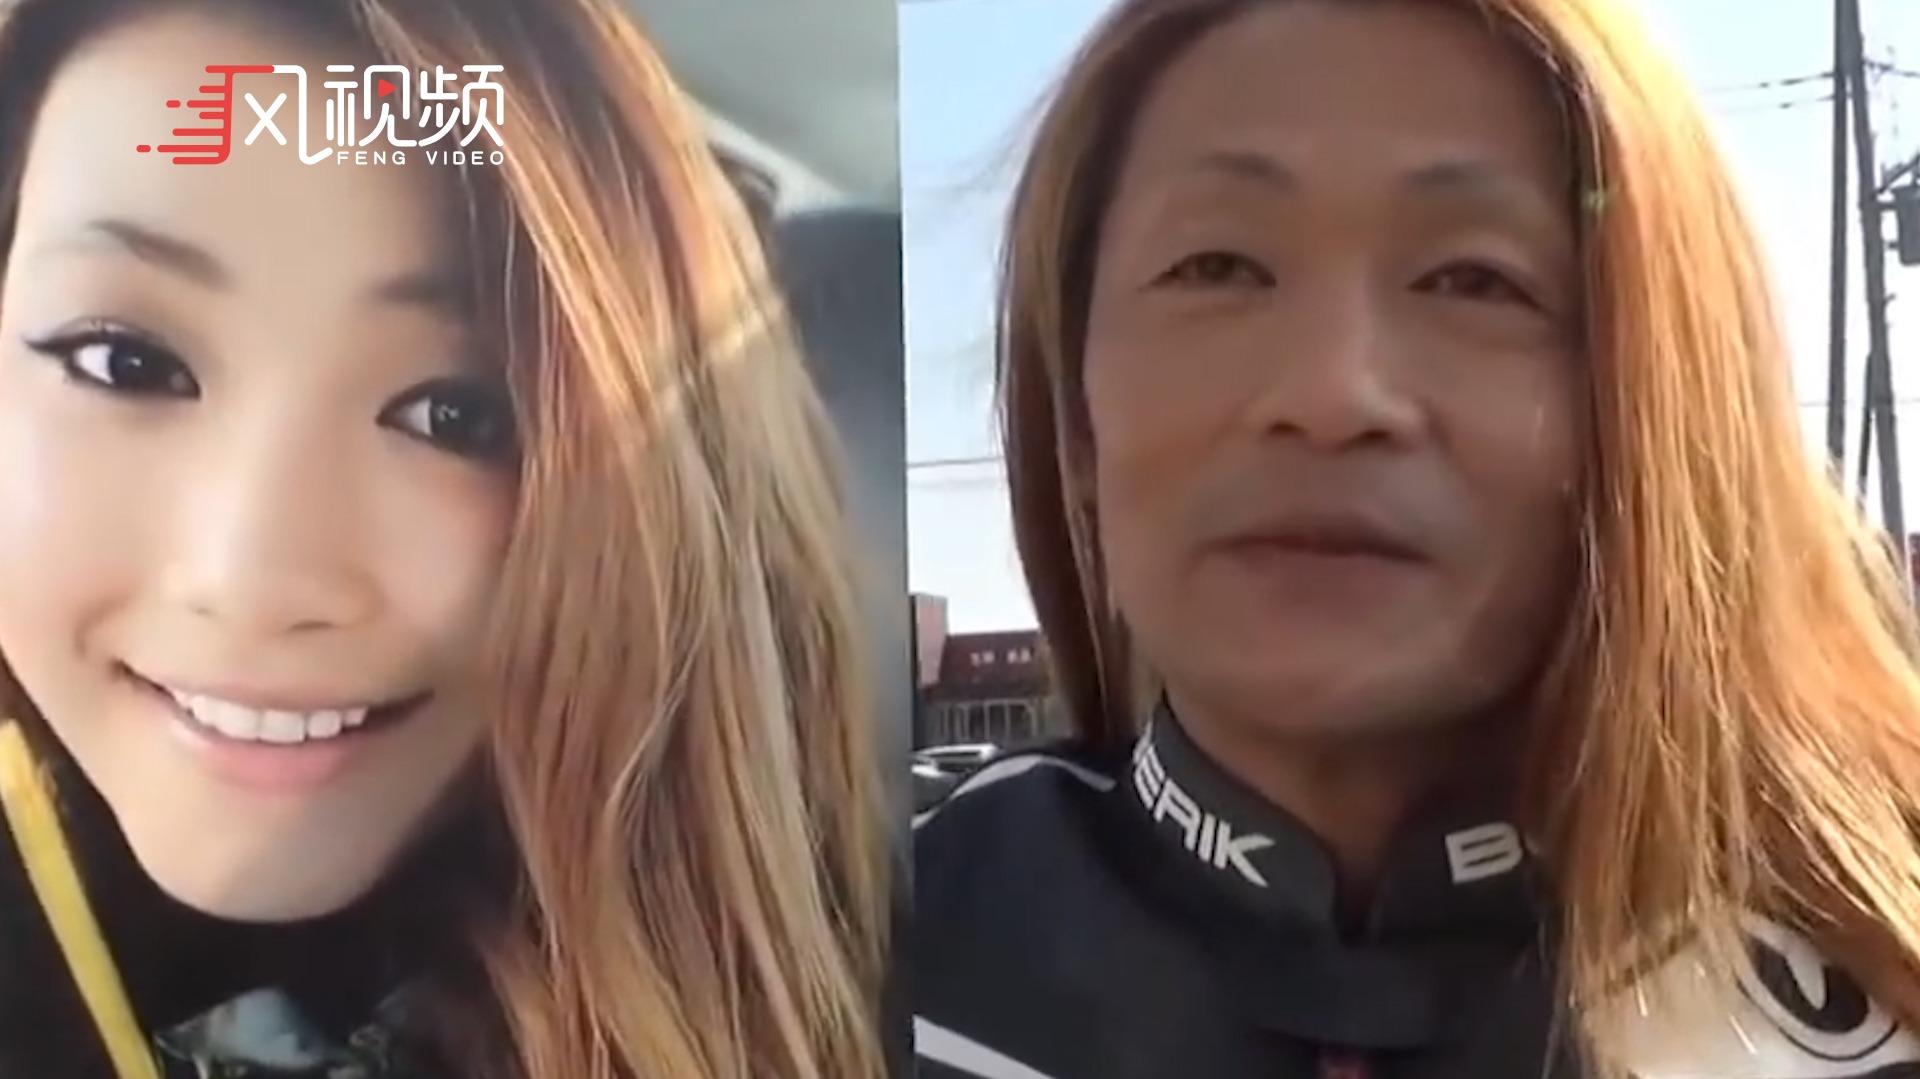 日本美女骑手因颜值吸粉无数,露面后竟是50岁粗犷大叔